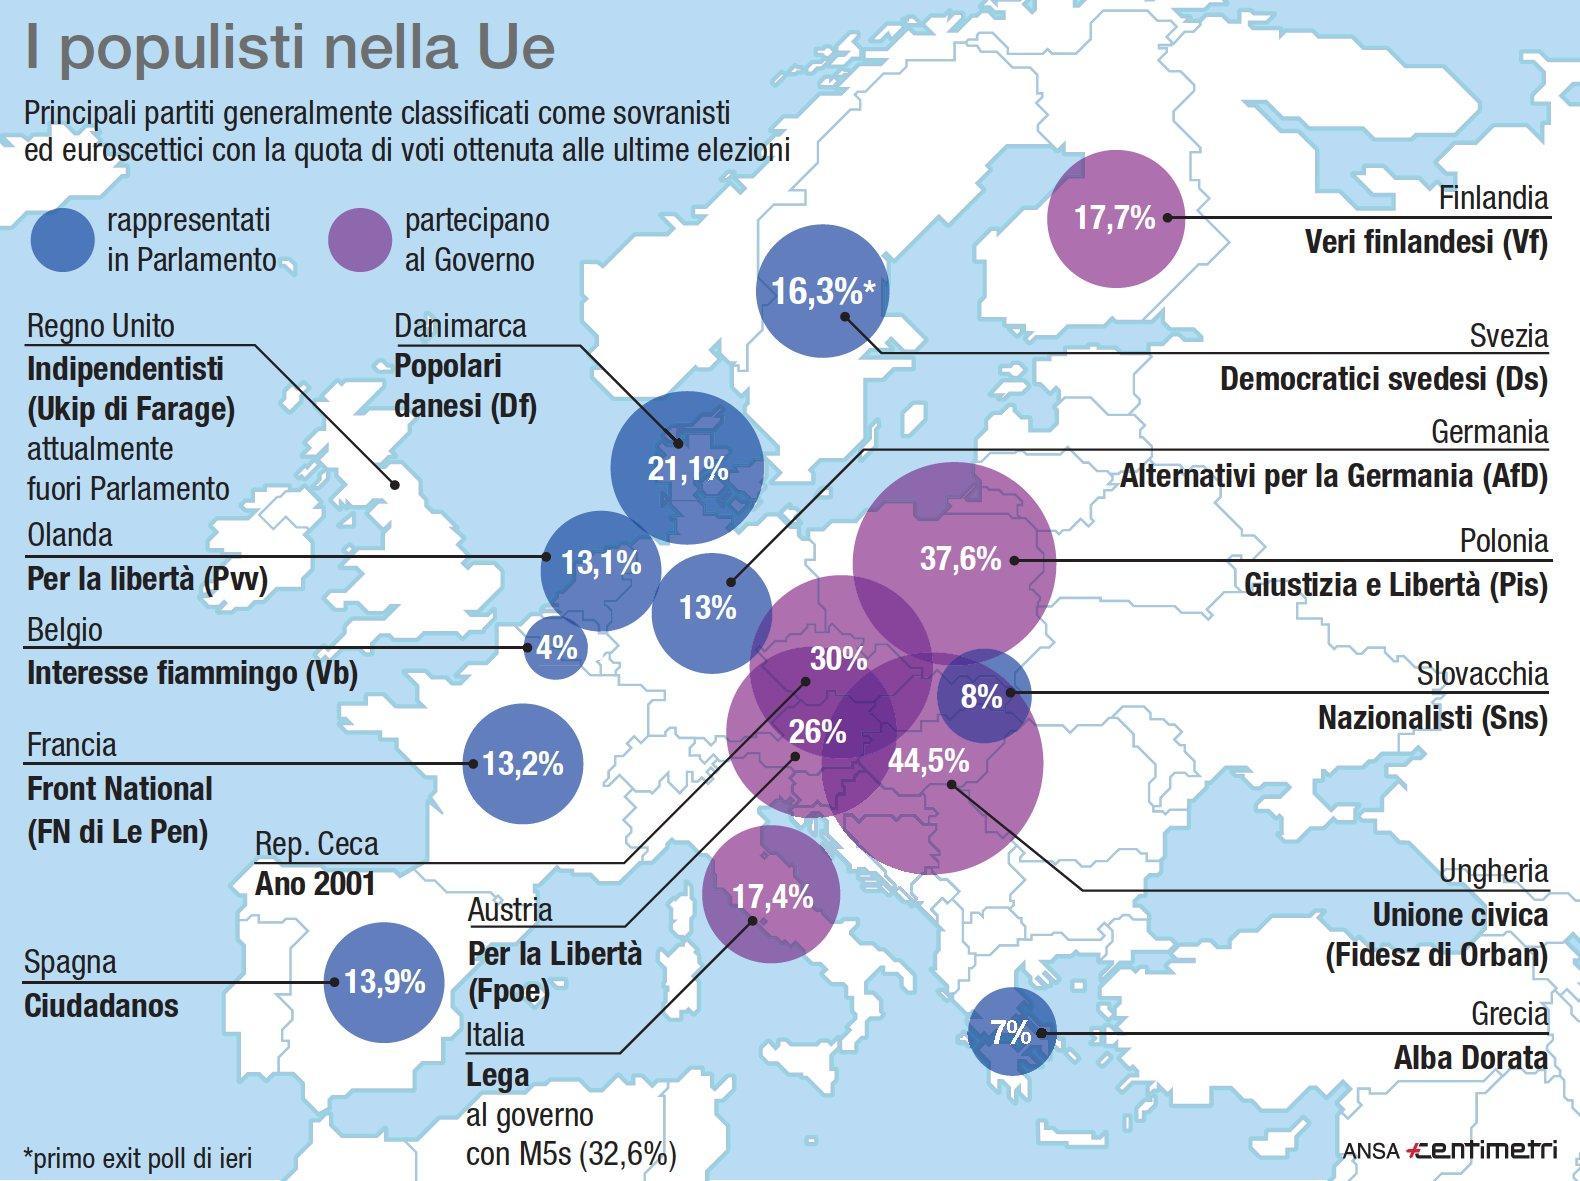 Populisti in Ue, i risultati alle ultime elezioni